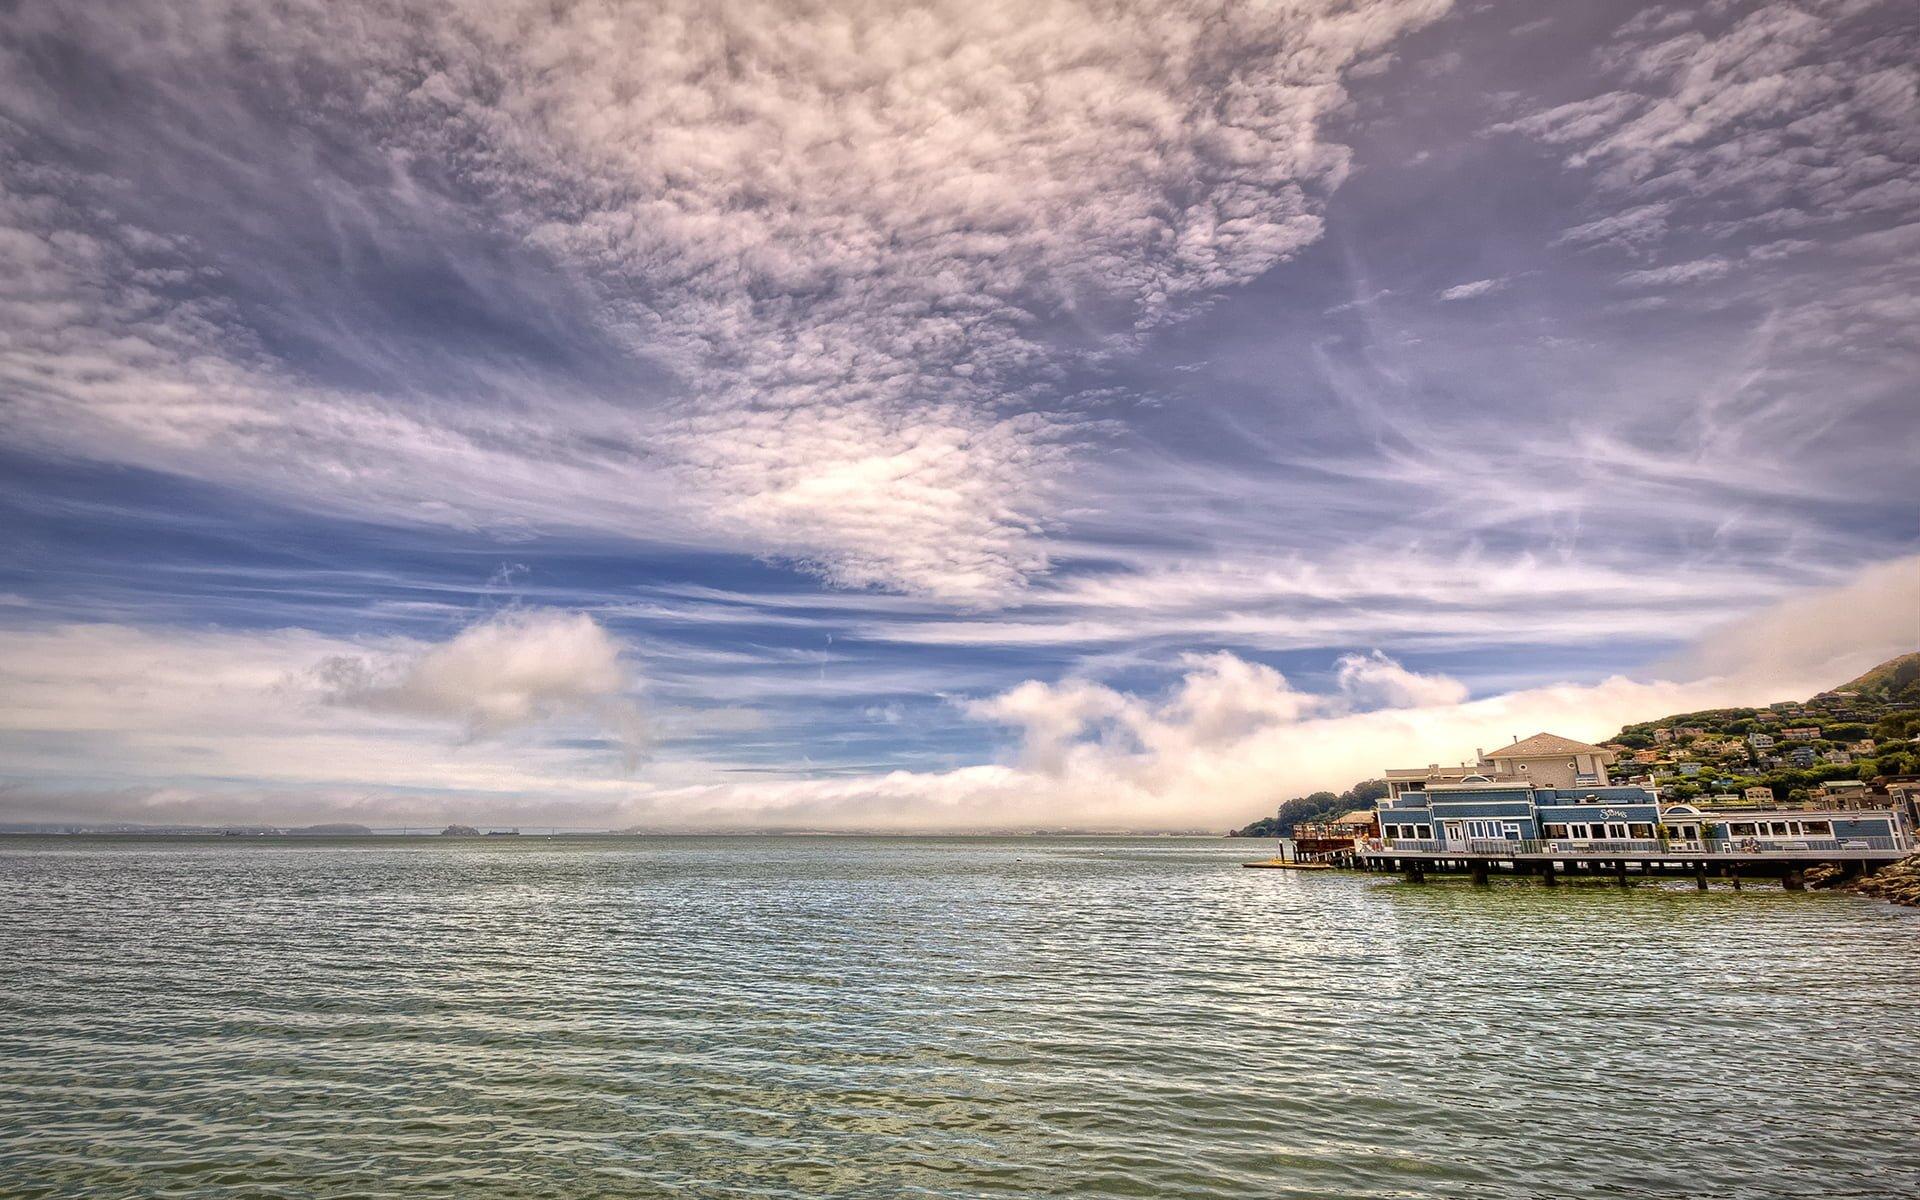 san francisco gökyüzü ve deniz